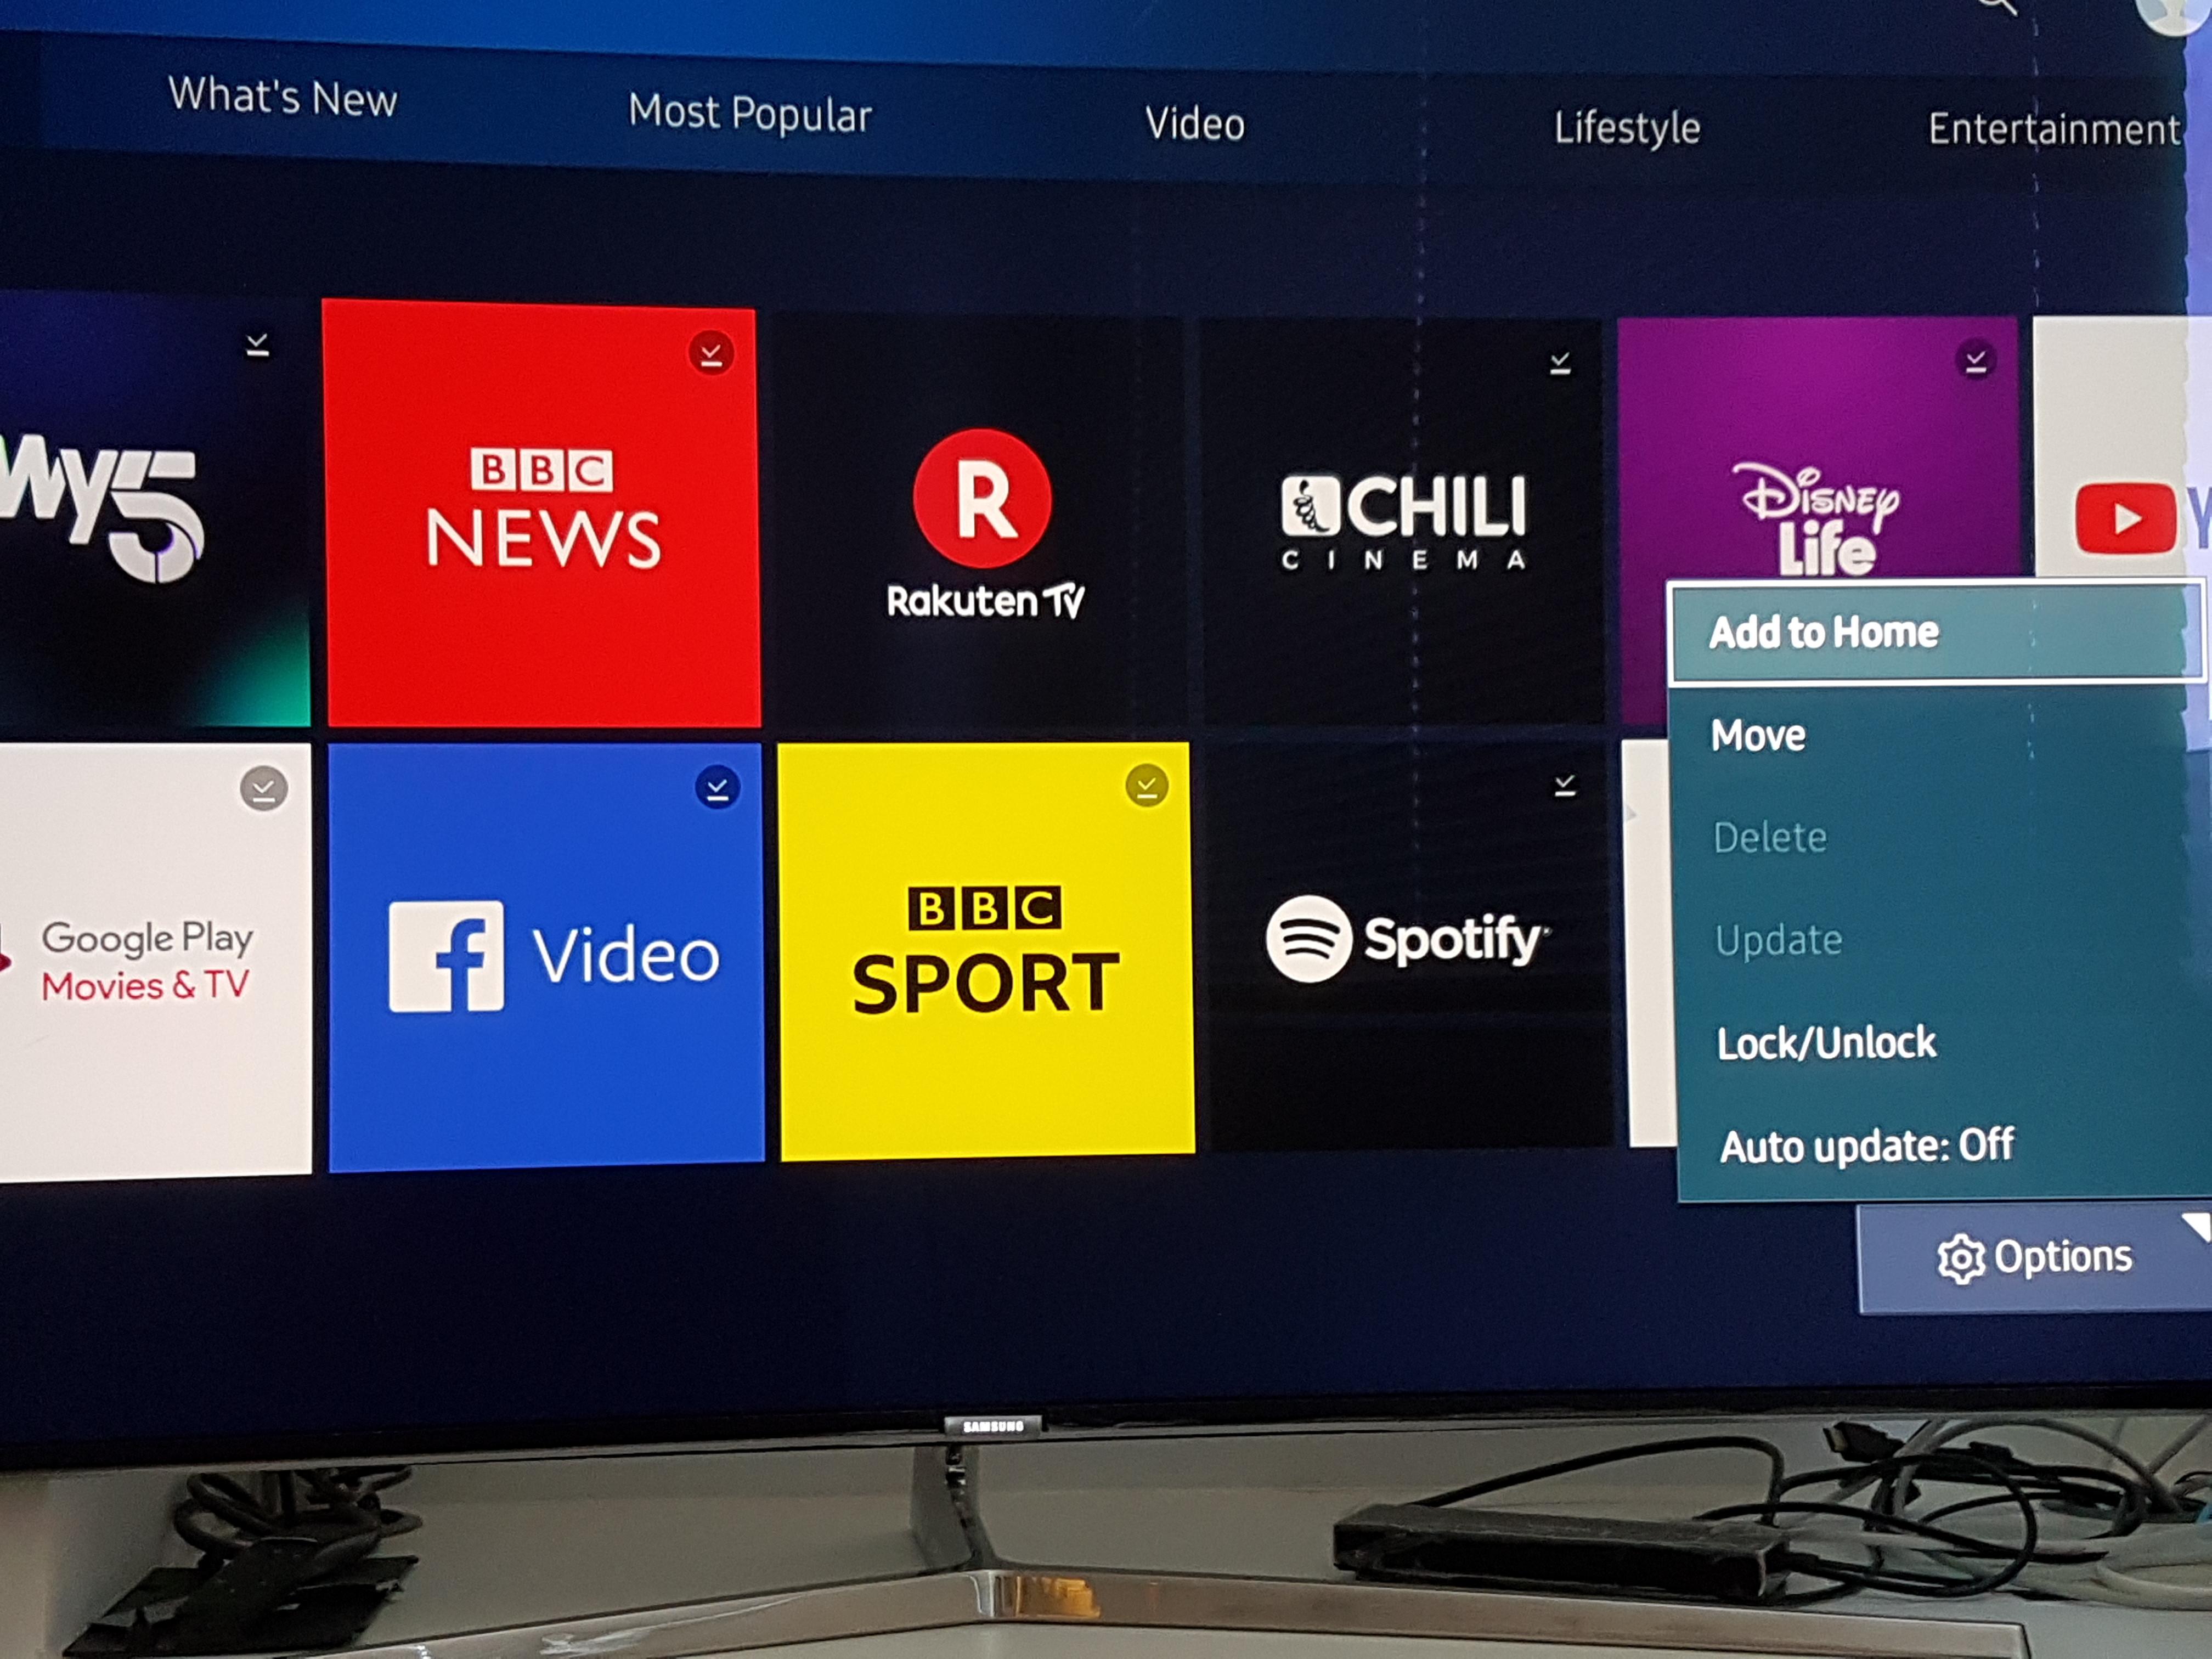 How do i delete or block bloatware apps on smart tv